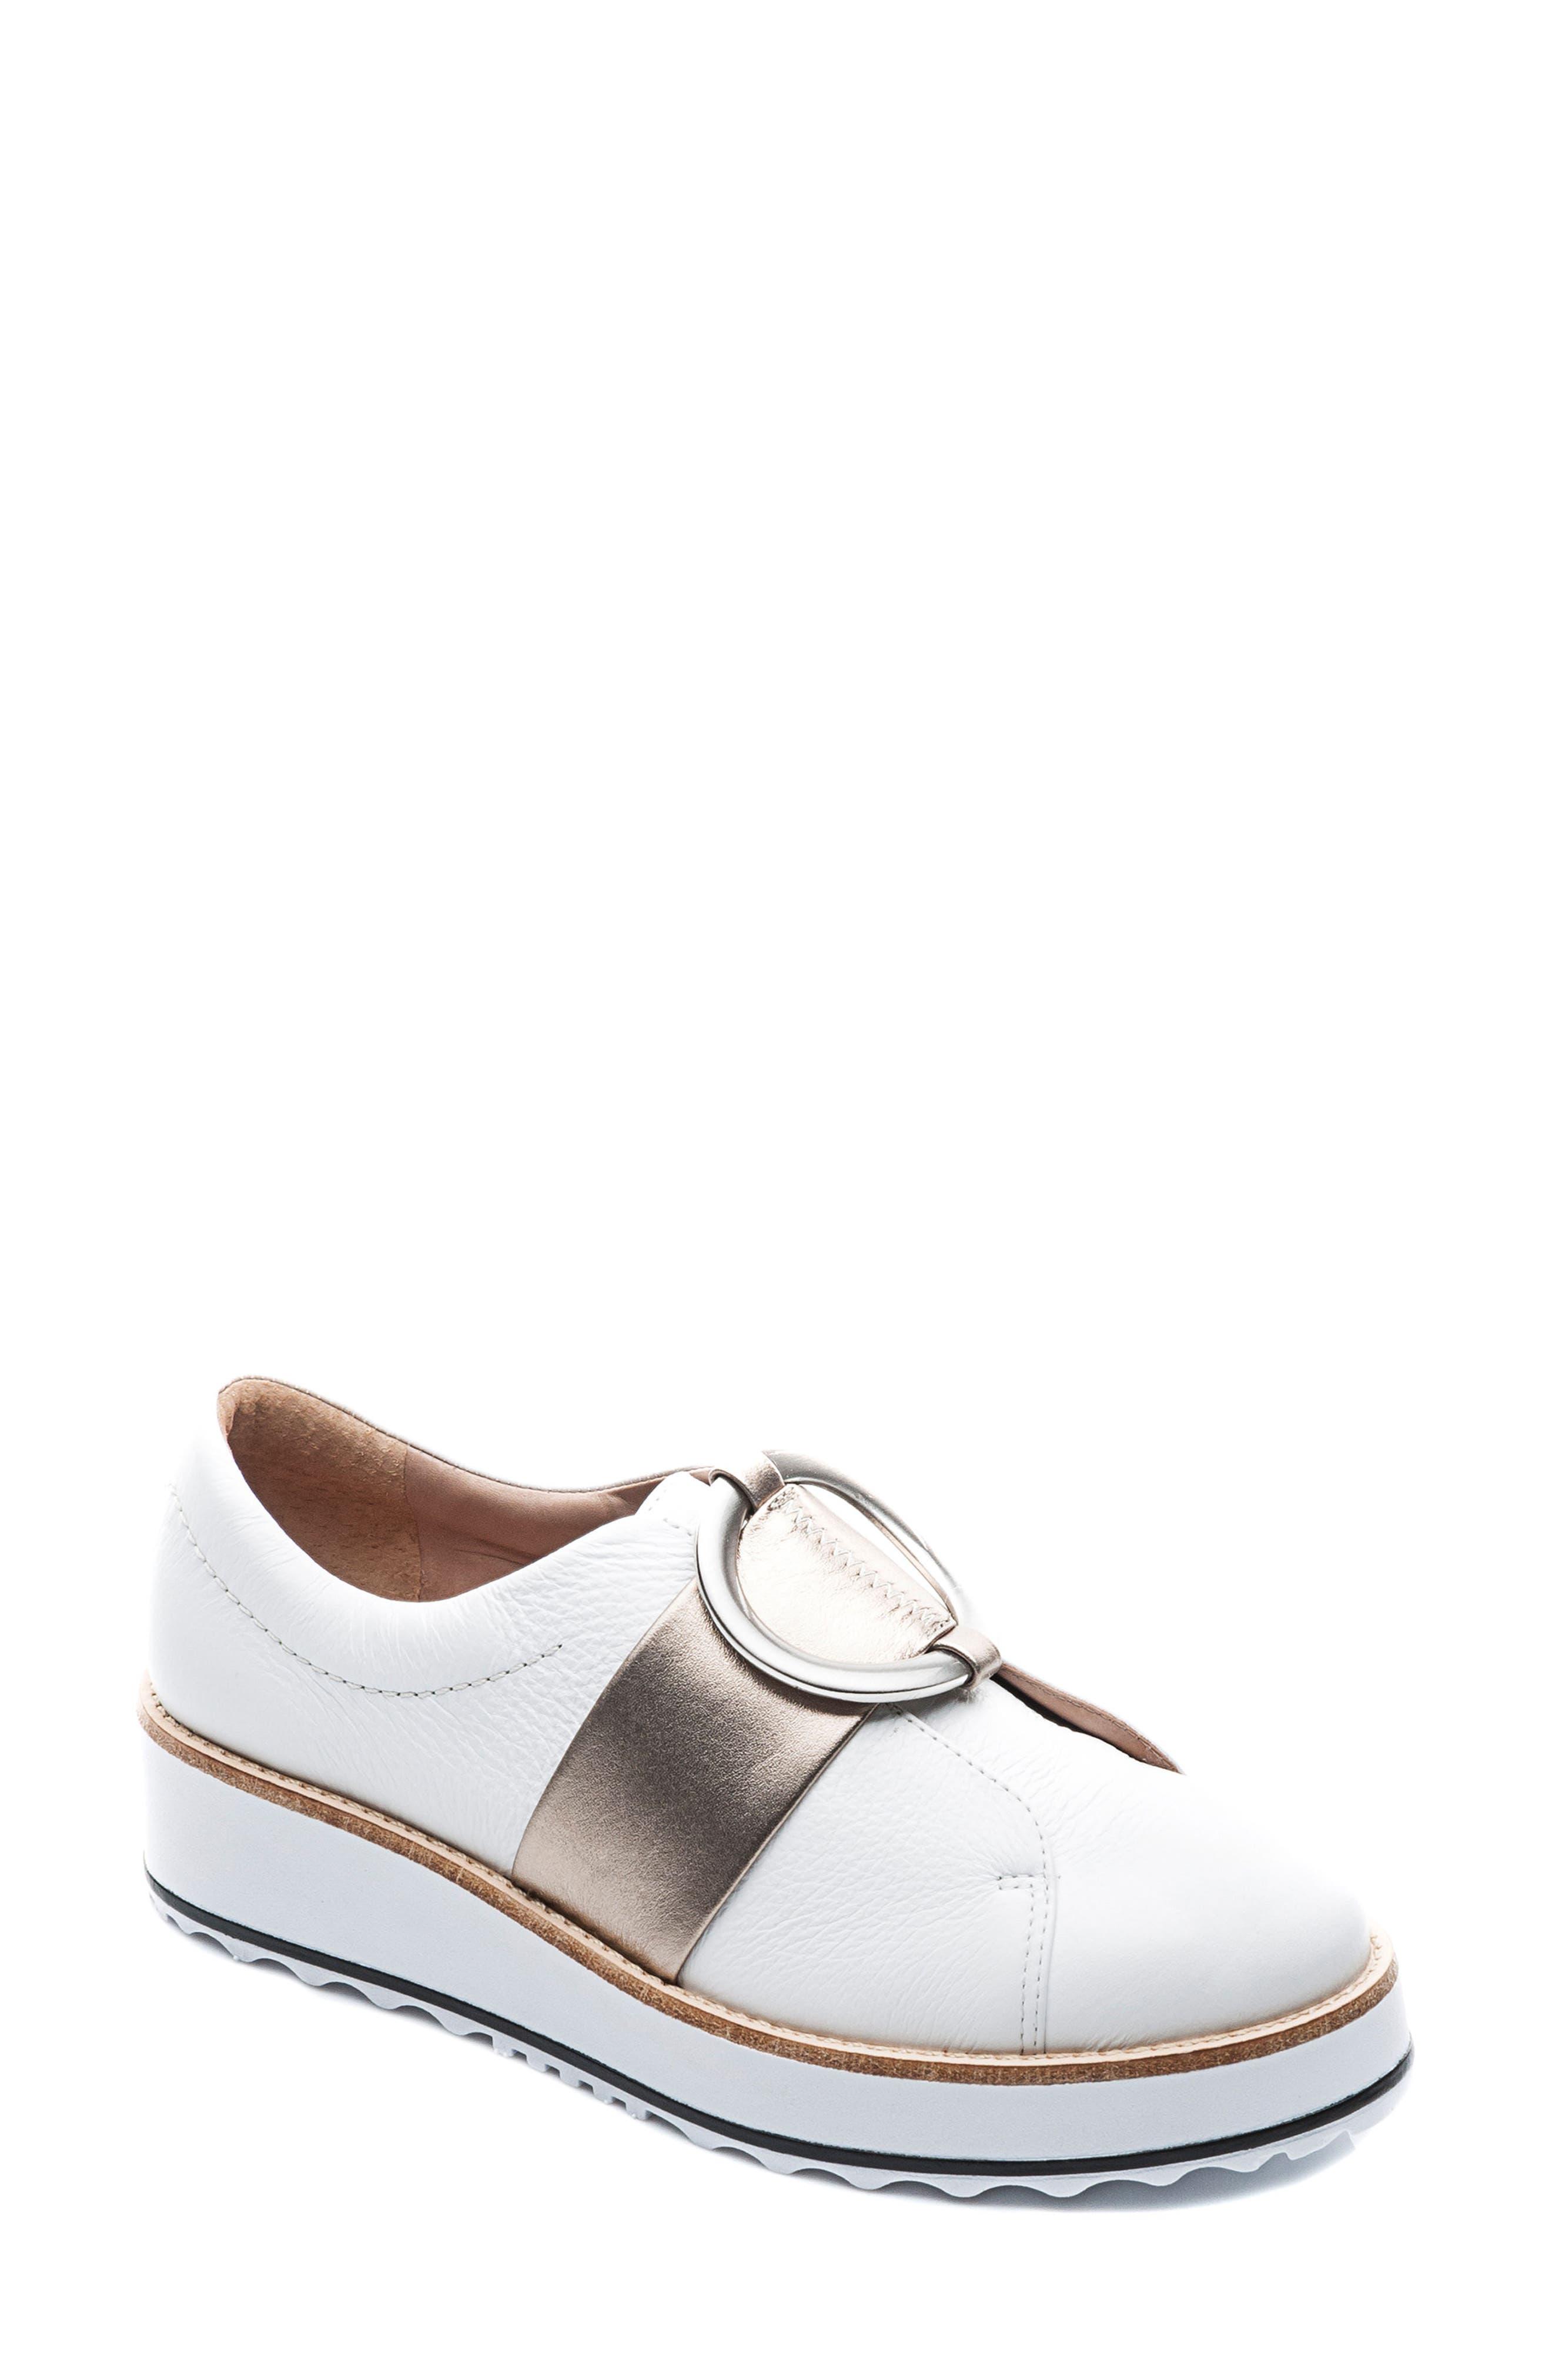 Susan Wedge Sneaker,                             Main thumbnail 1, color,                             100